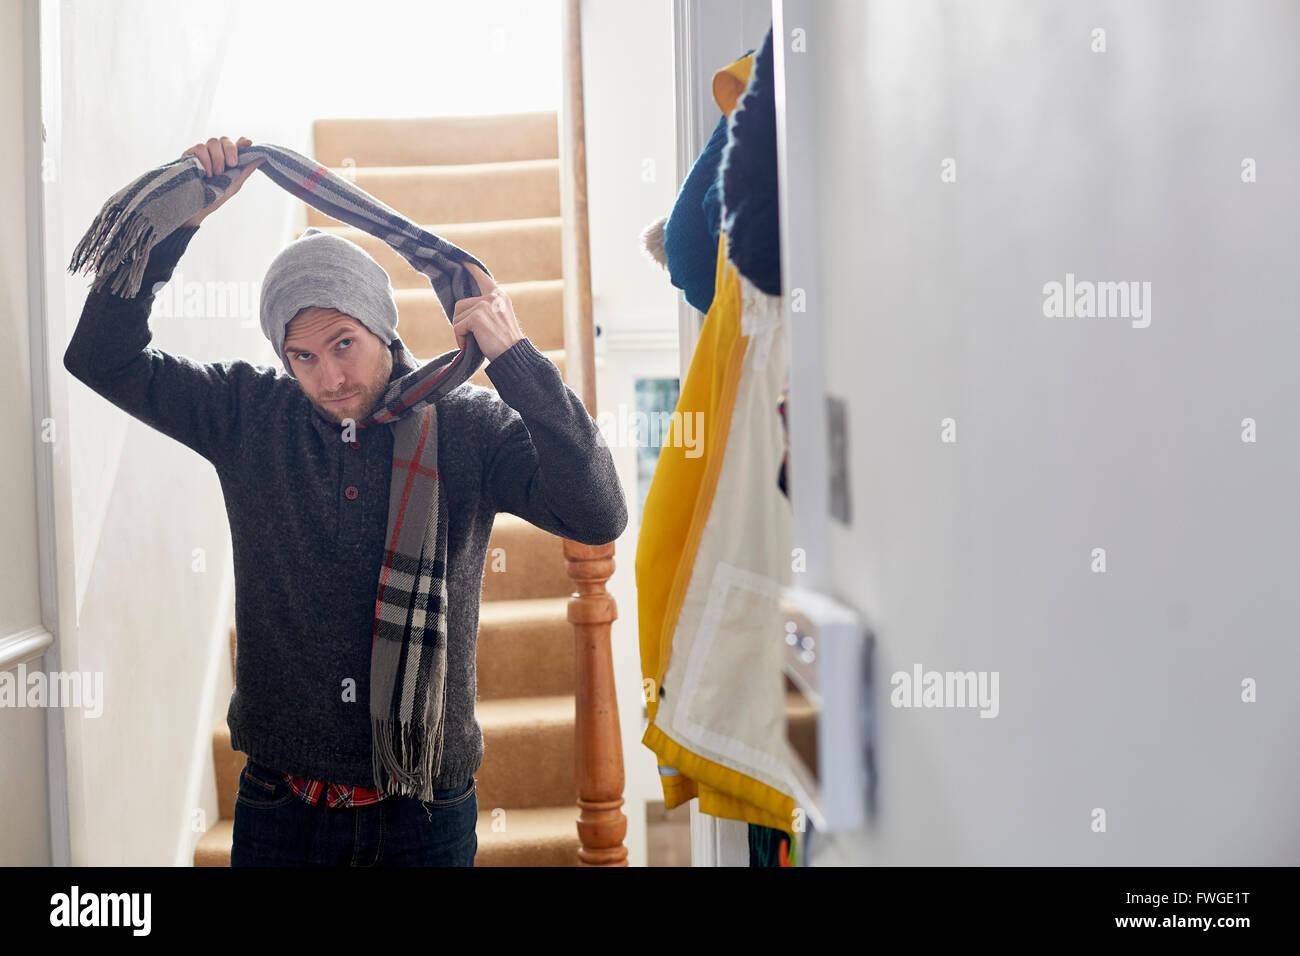 Un homme dans un manteau d'hiver, bonnet et écharpe d'arriver chez lui, en tenant l'écharpe.Banque D'Images